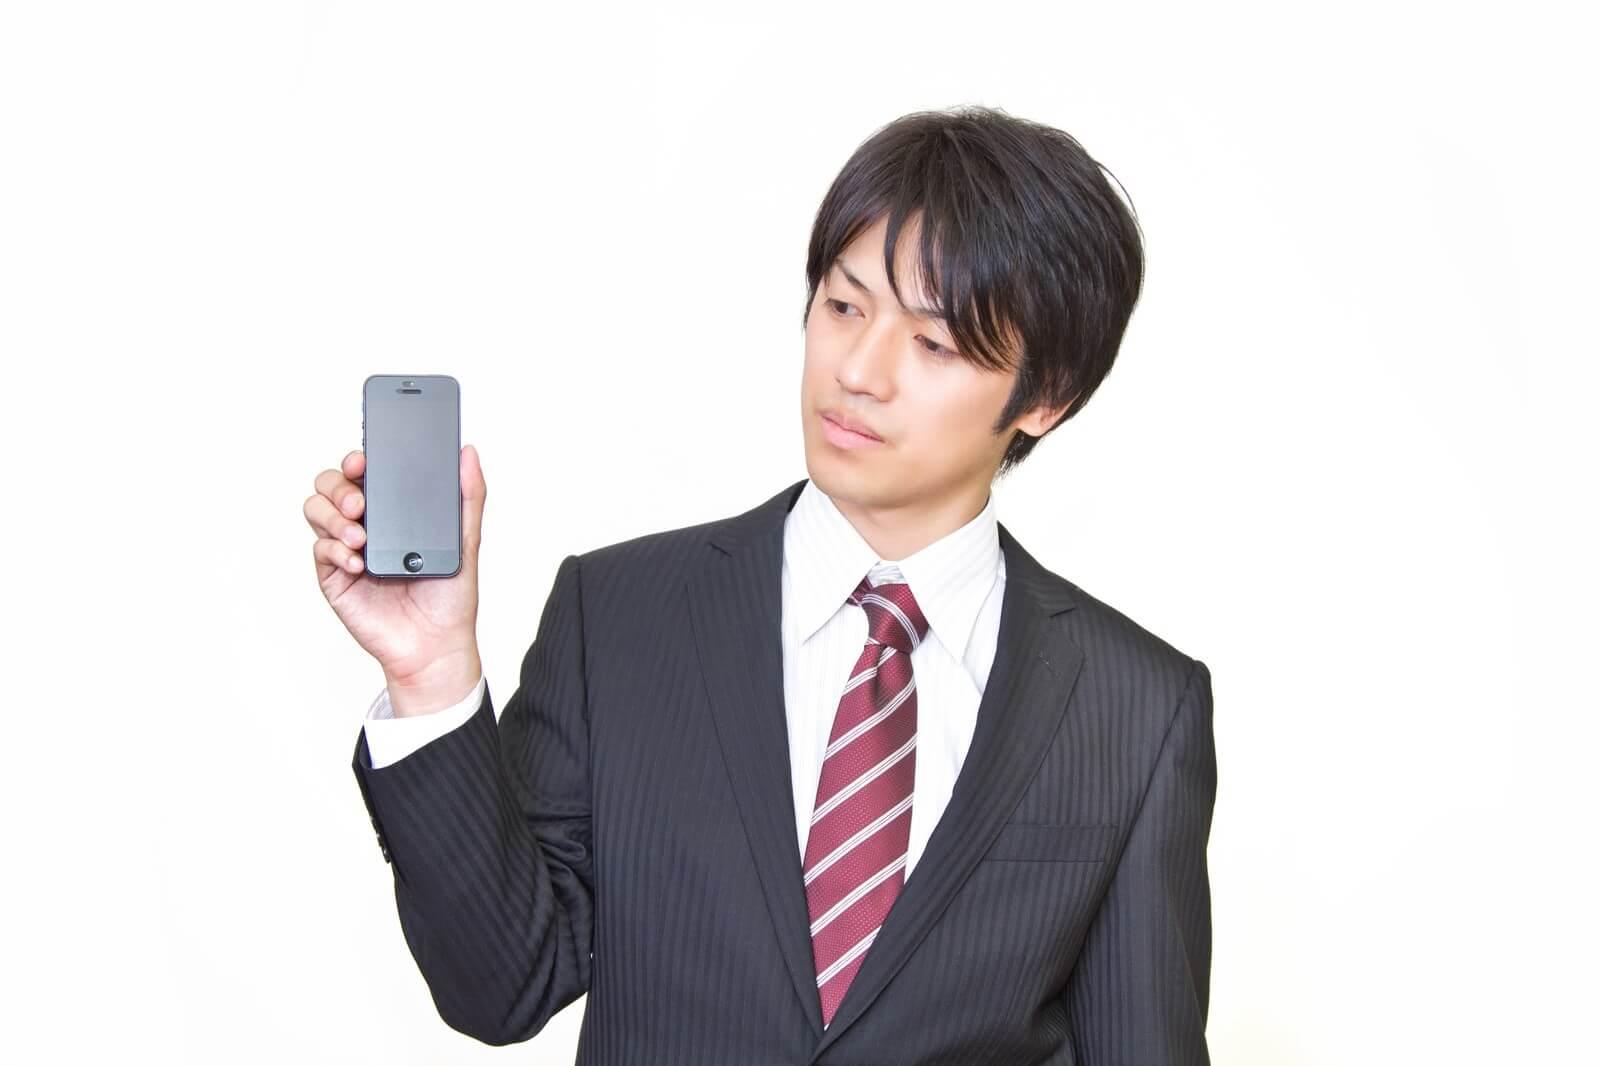 エックスモバイル(旧もしもシークス)の格安SIMを推奨する男性